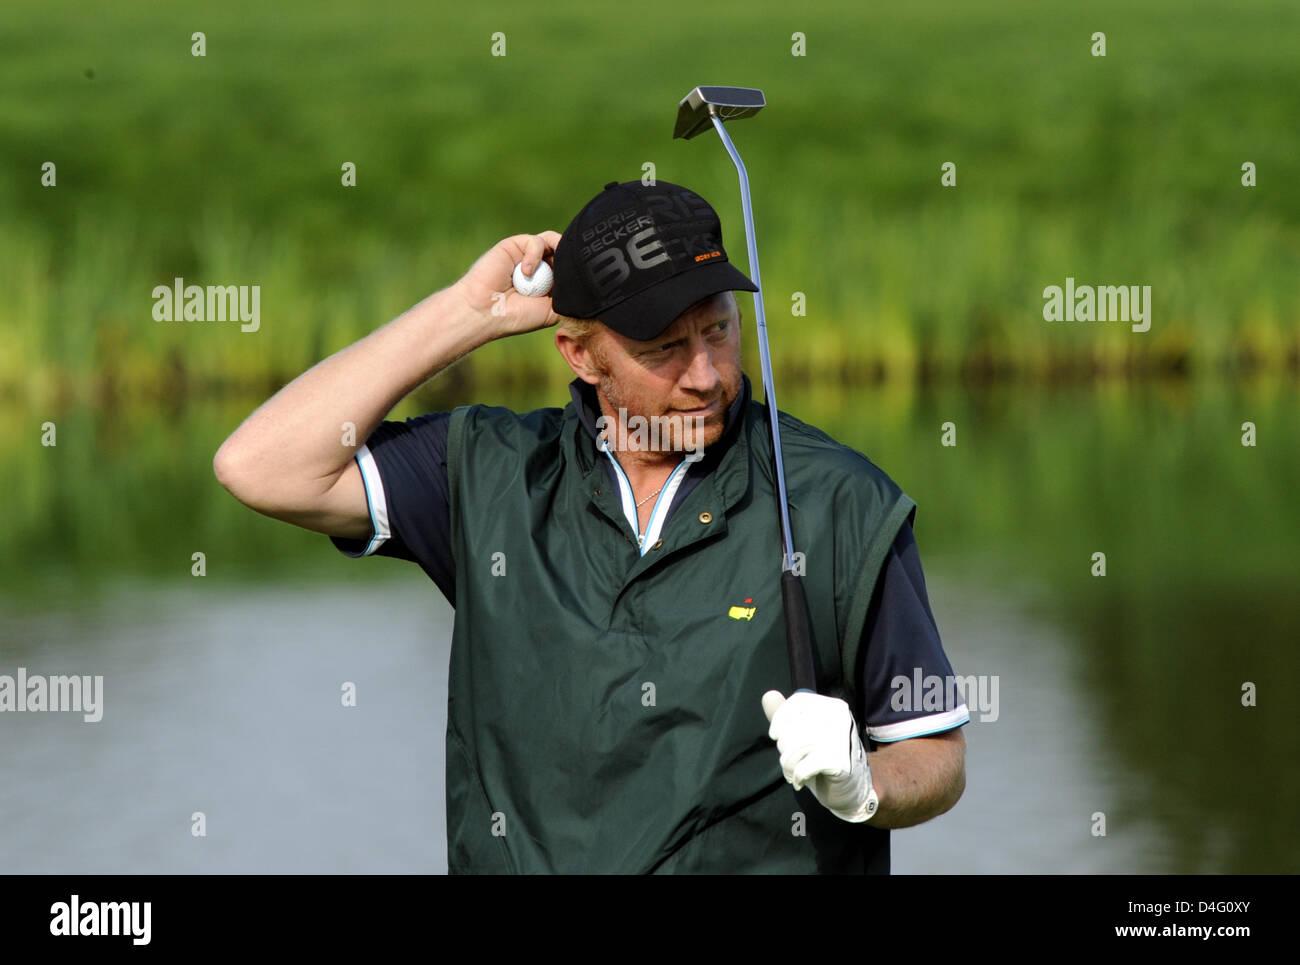 Tennisspieler datieren Golfer Interrassische Dating-Umfragen